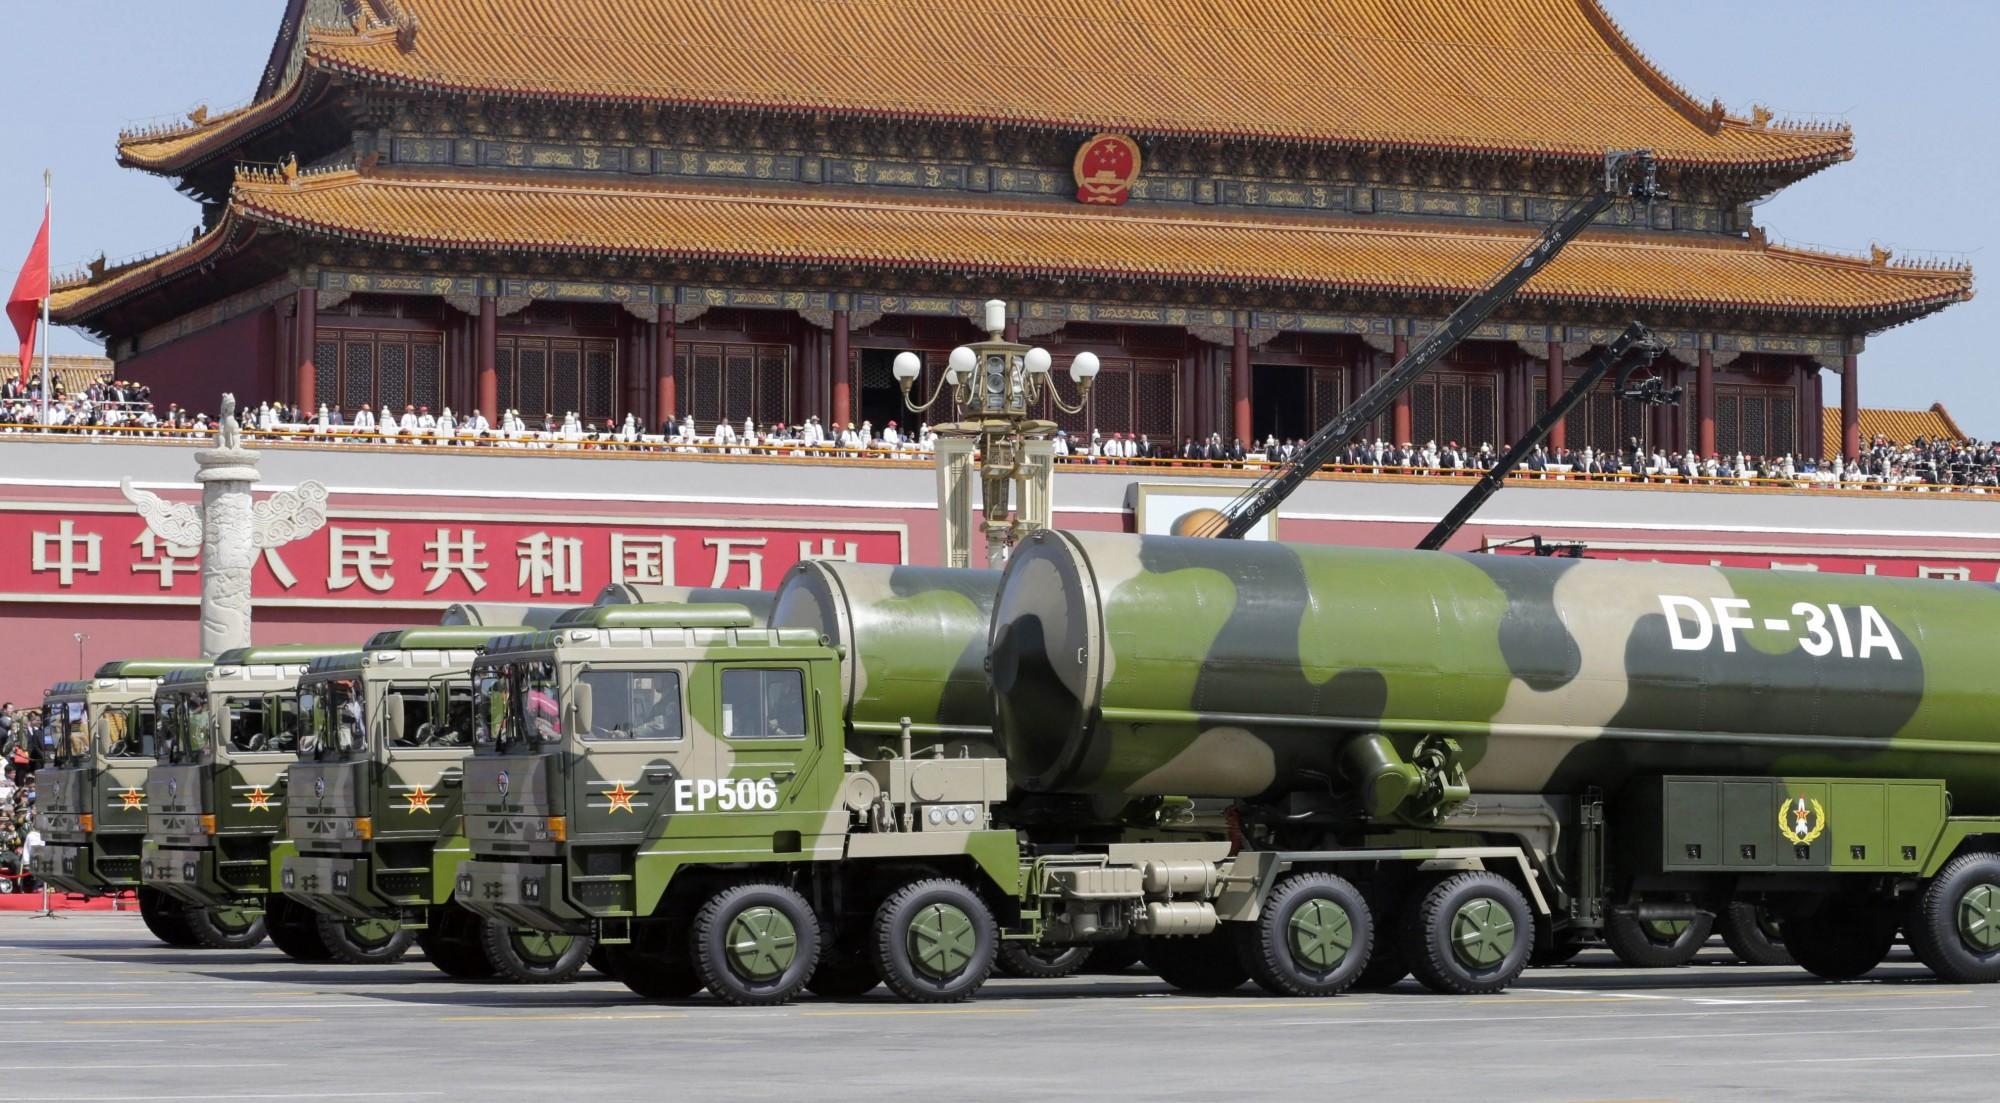 中共將在10月1日舉行建國70週年閱兵典禮,有消息傳出解放軍將首次展示洲際彈道飛彈東風-31A改進型,並讓航母飛鯊中隊的殲15艦載機列隊飛行。東風31A示意圖。(法新社)